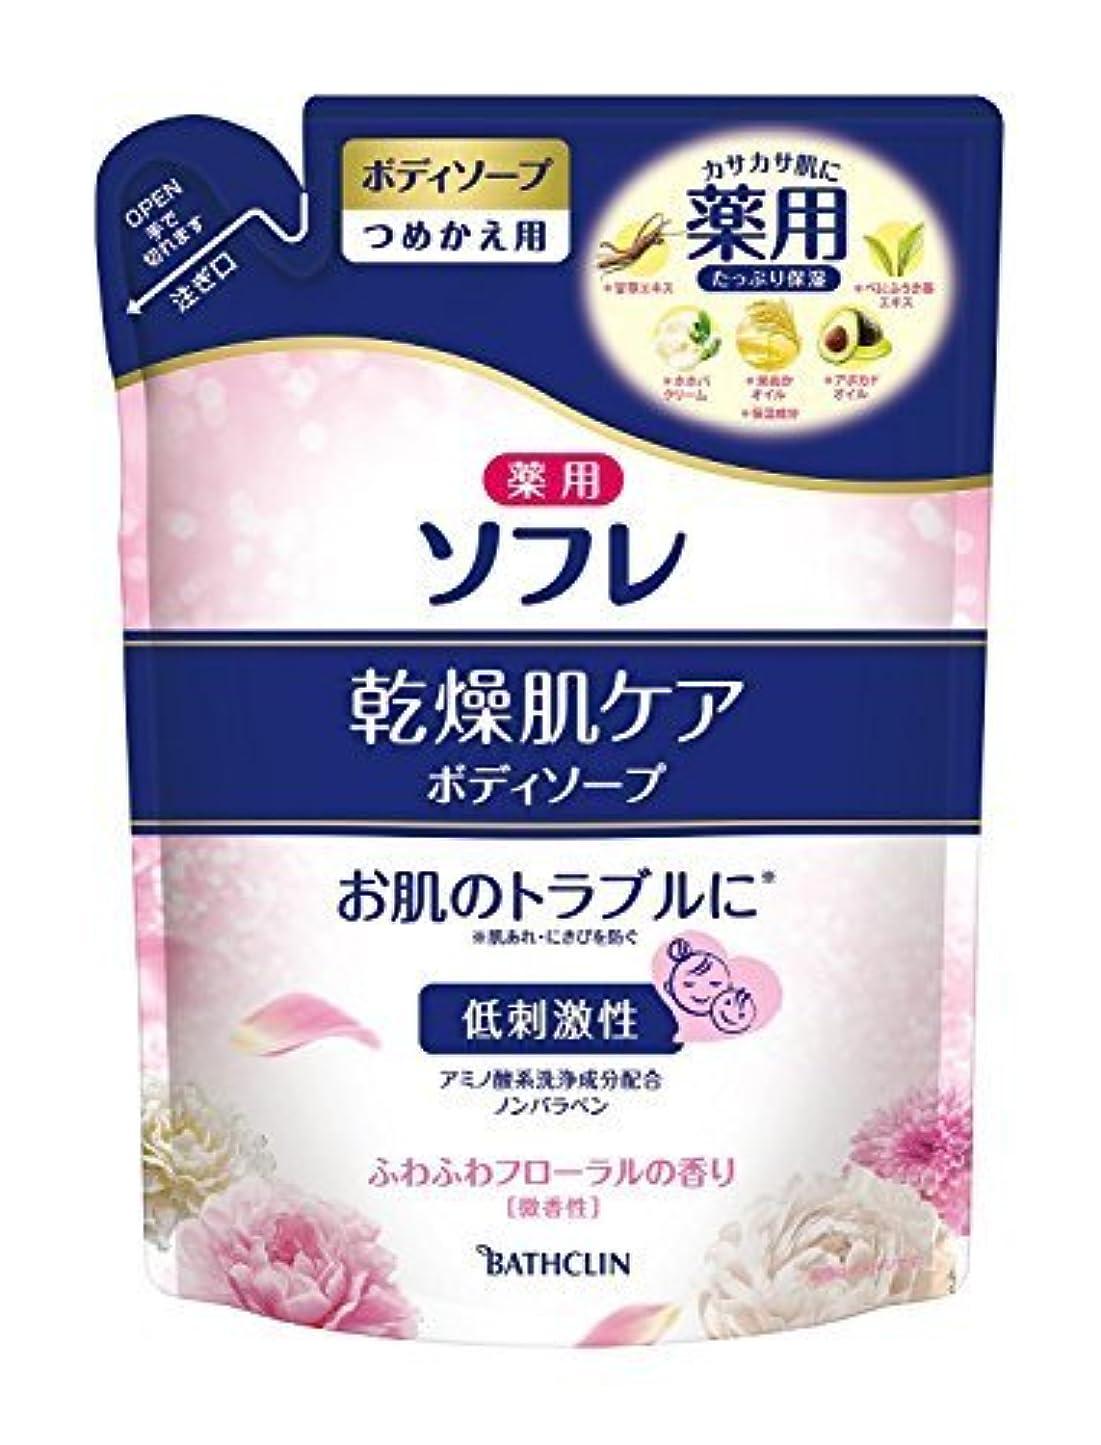 雑種慰め制裁薬用ソフレ 乾燥肌ケアボディ詰替 × 10個セット